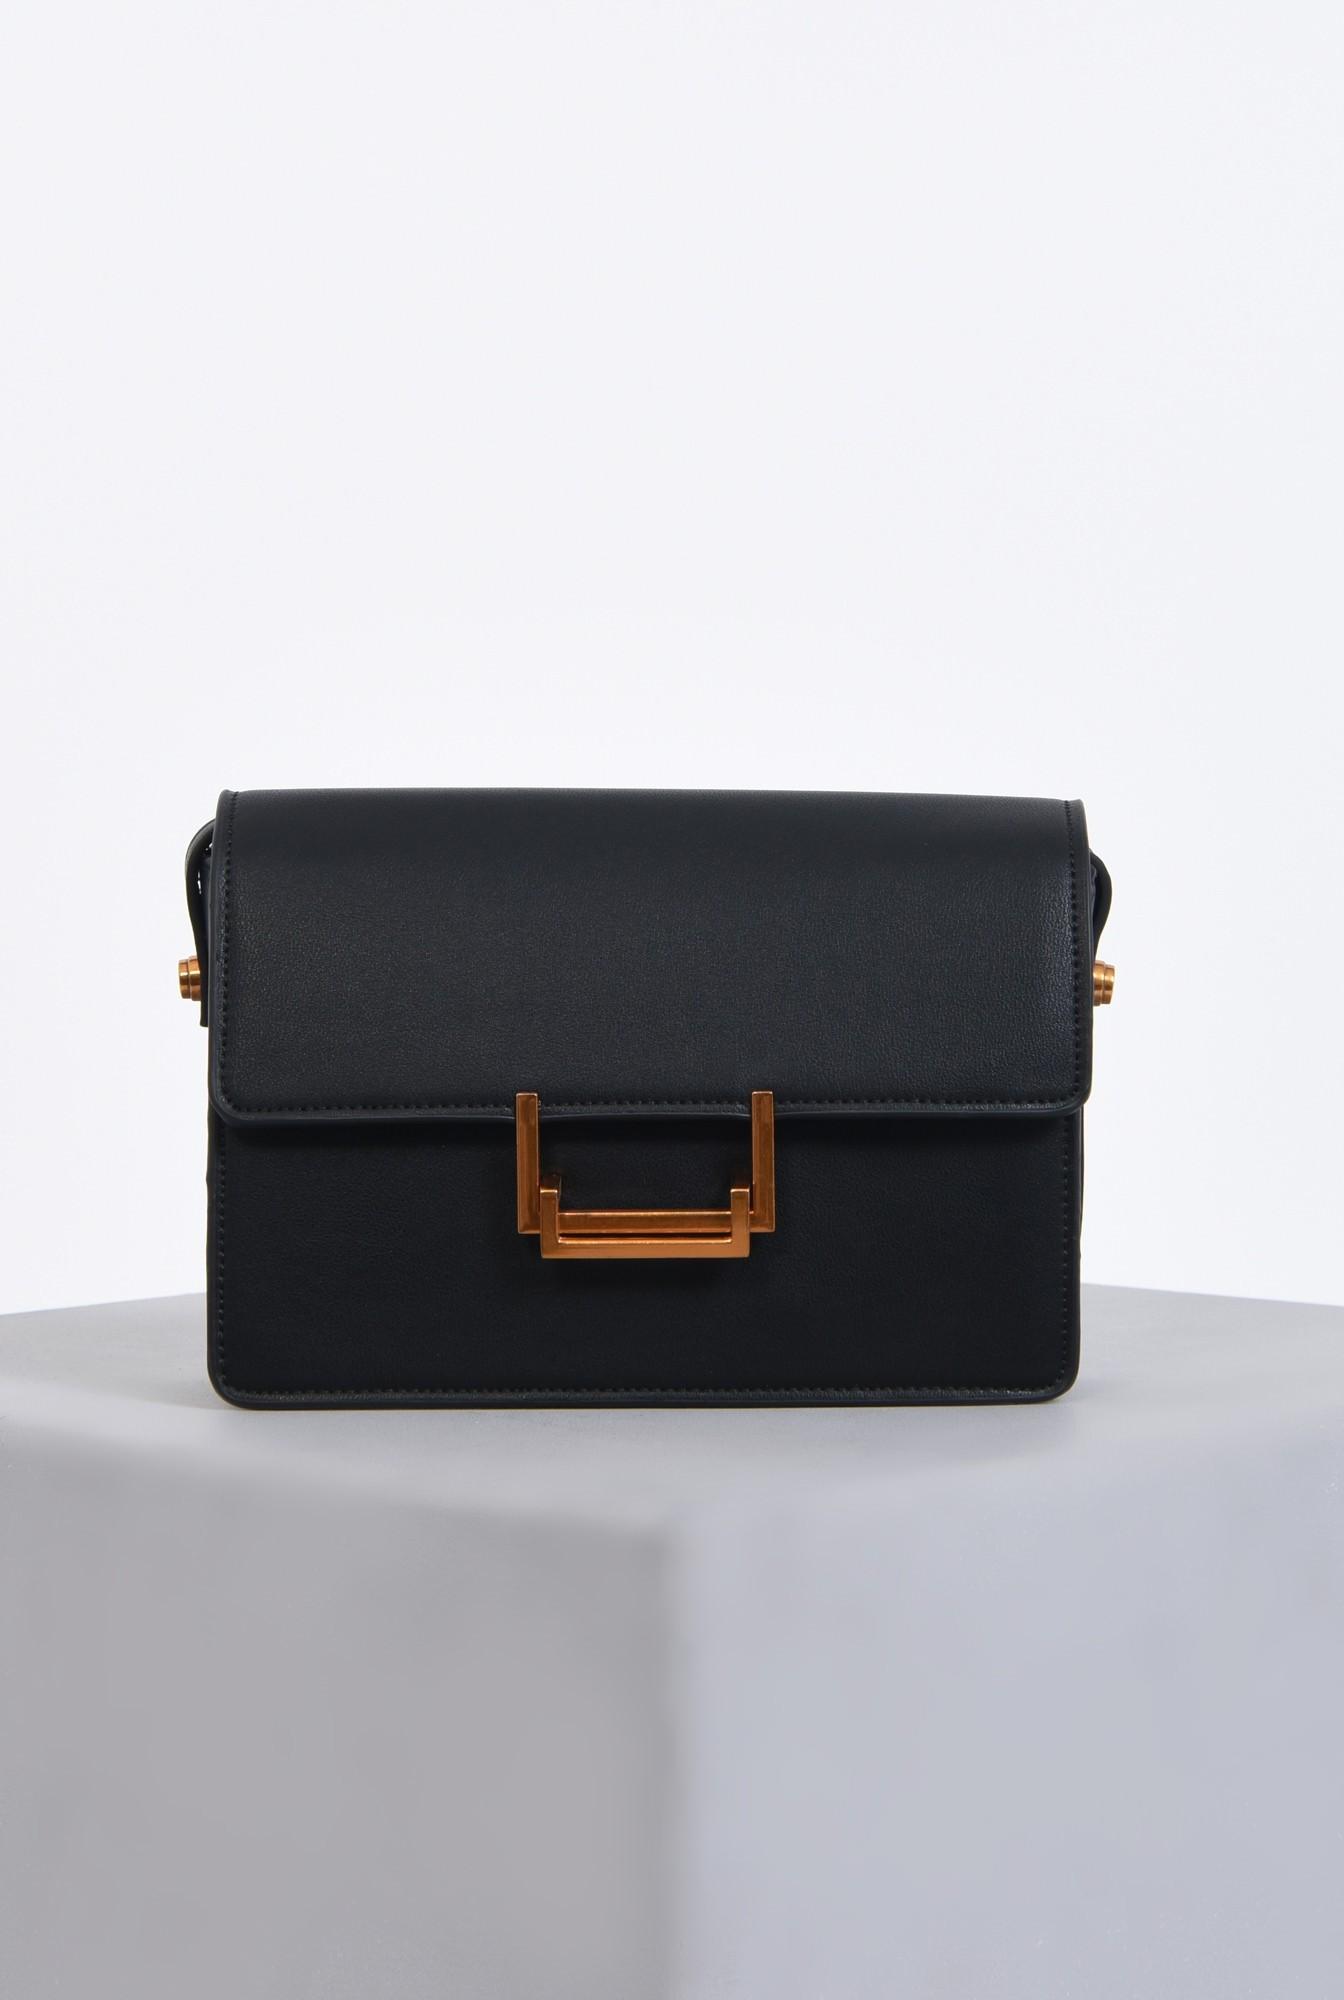 0 - geanta casual, negru, accesorii